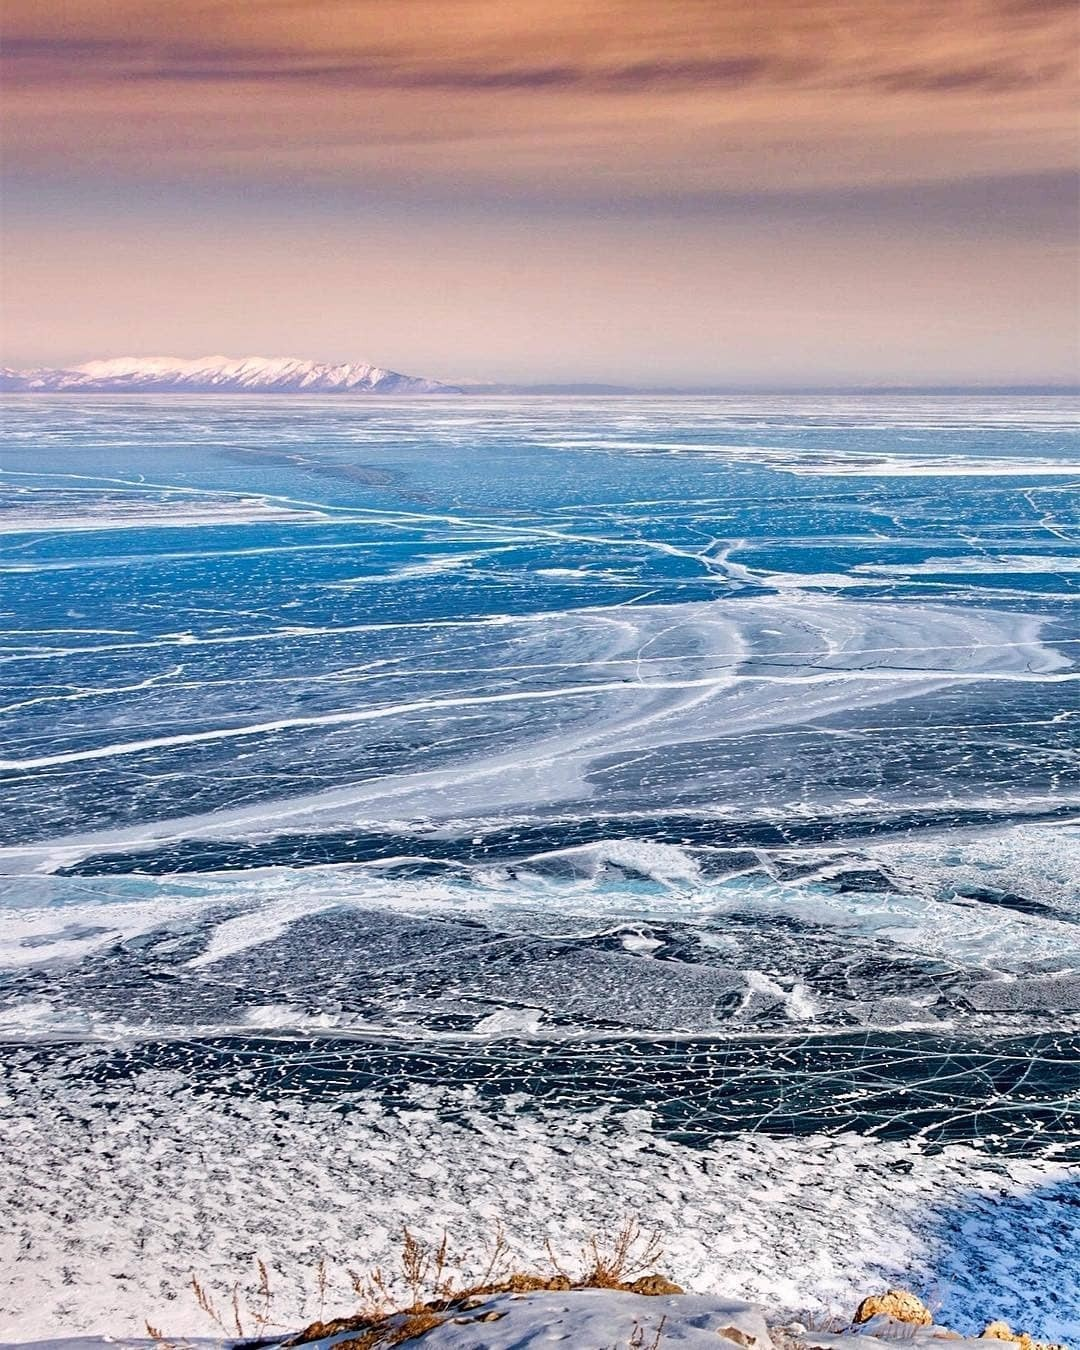 Байкал - идеальное место длясемейного путешествия, так как здесь каждый член семьи найдет себе занятие подуше. Подледная рыбалка дляпапы, целебные горячие источники длямамы икатание...